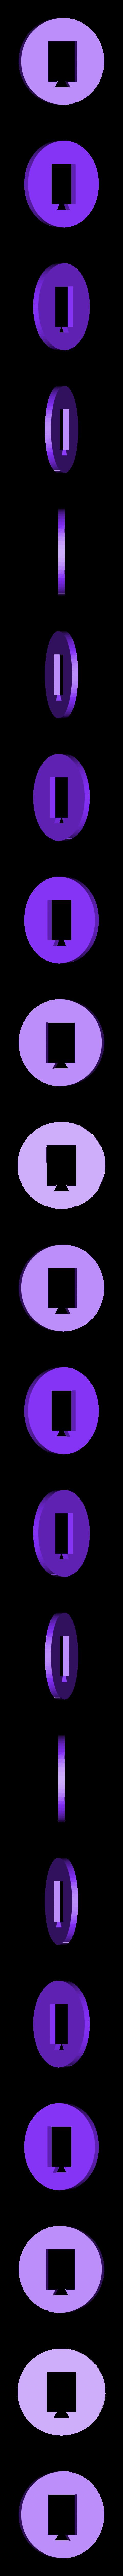 HULL-front.ring.STL Télécharger fichier STL gratuit Cybran T2 Destroyer - Salem Class • Plan à imprimer en 3D, Steyrc